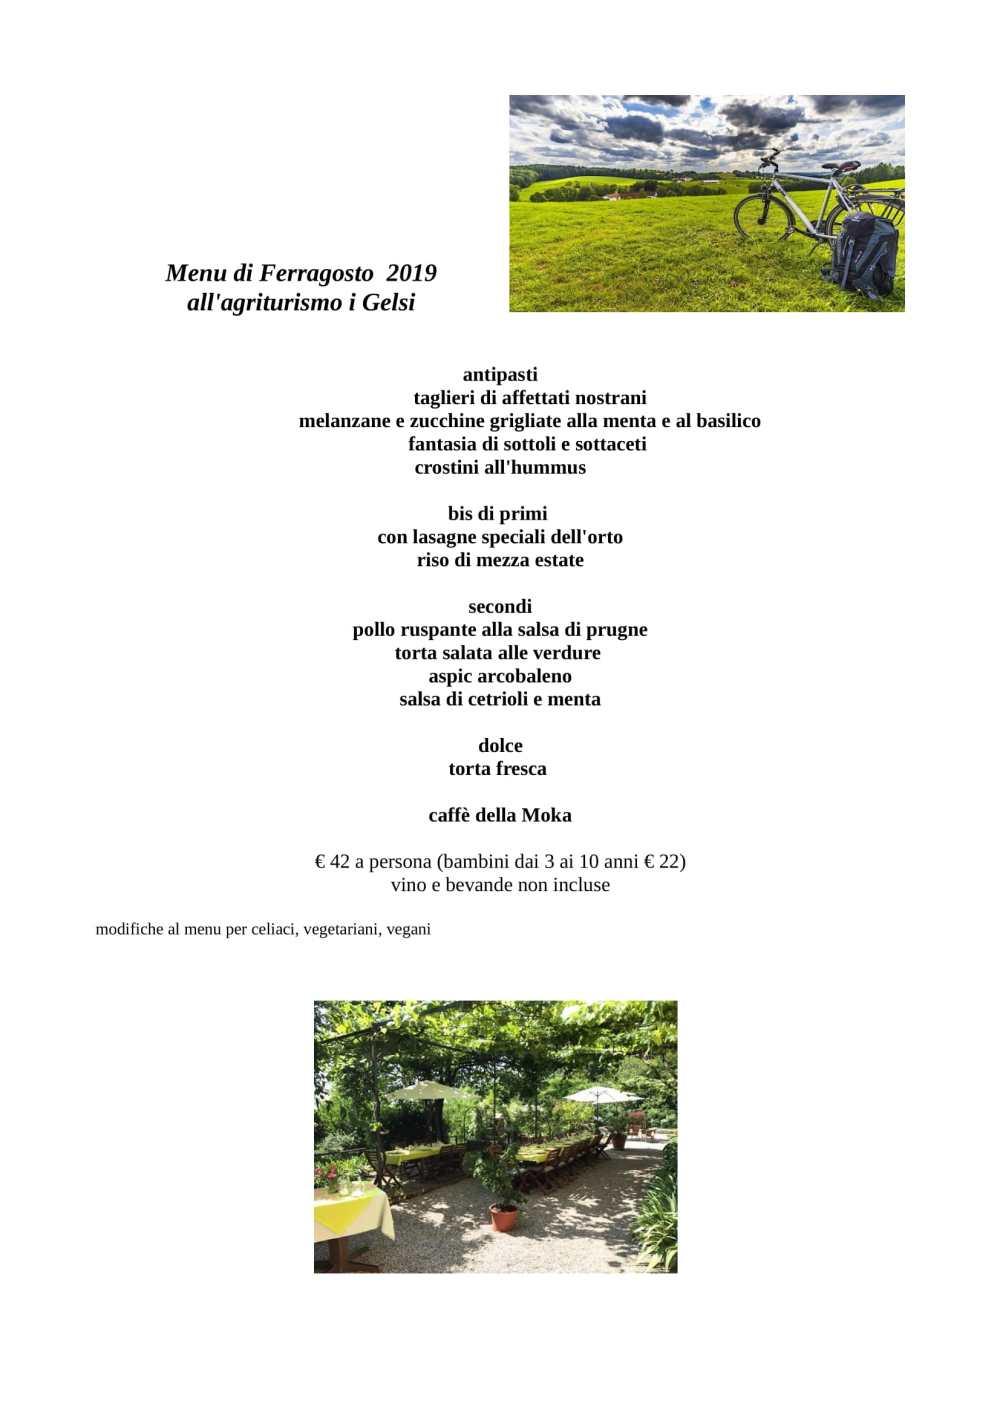 menu ferragosto 2019-1